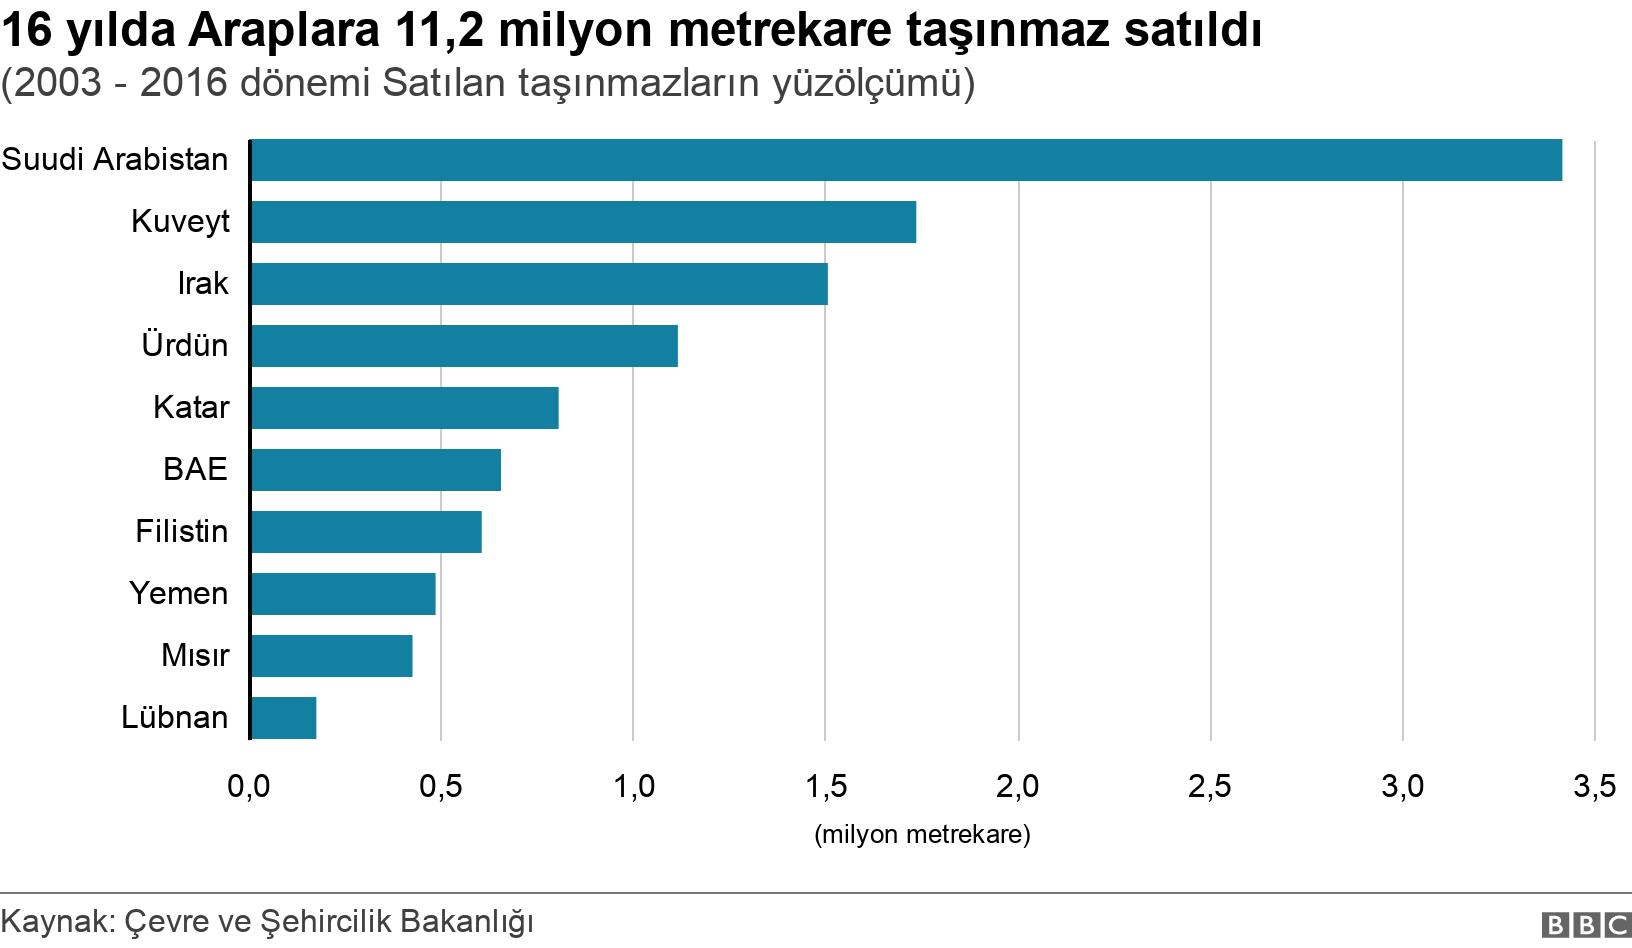 16 yılda Araplara 11,2 milyon metrekare taşınmaz satıldı. (2003 - 2016 dönemi Satılan taşınmazların yüzölçümü).  .